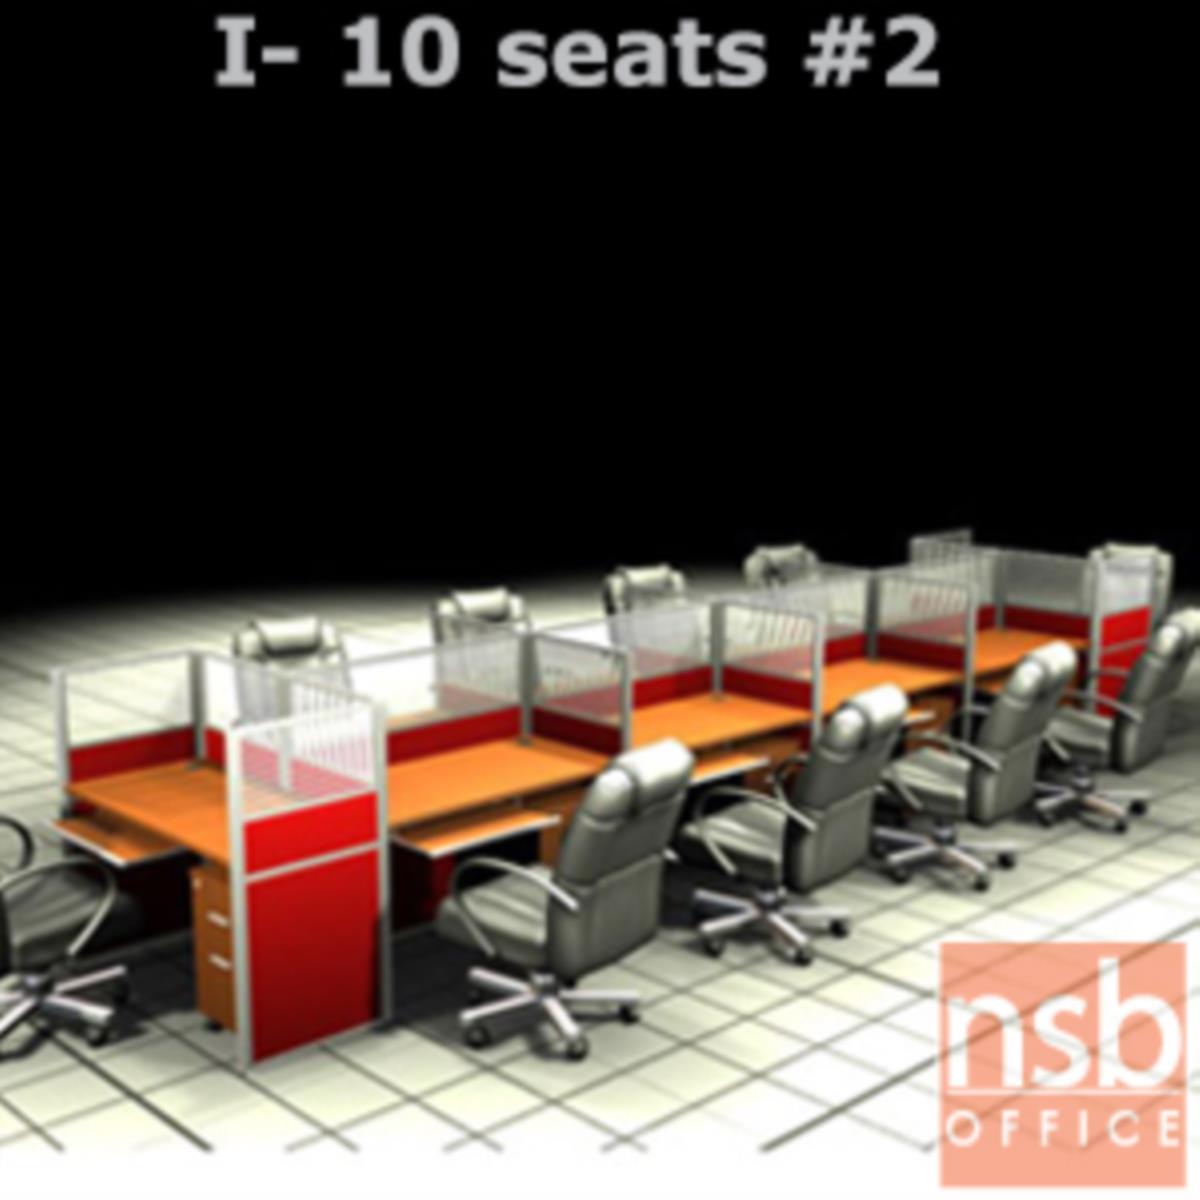 A04A098:ชุดโต๊ะทำงานกลุ่ม 10 ที่นั่ง   ขนาดรวม 610W*126D cm. พร้อมพาร์ทิชั่นครึ่งกระจกขัดลาย